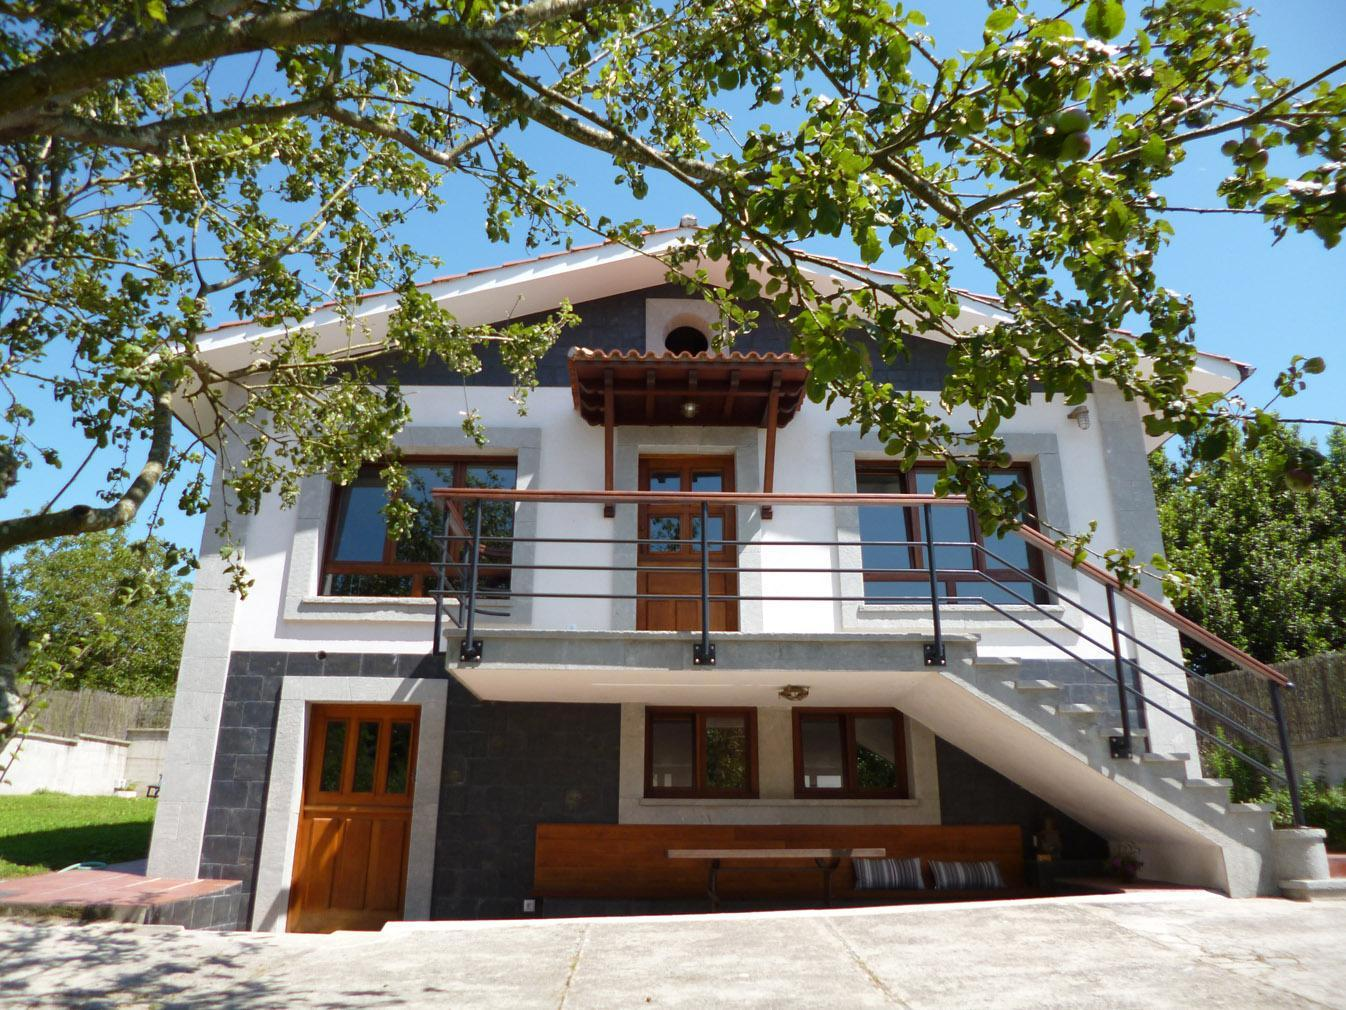 Ferienhaus für 4 Personen ca. 70 m² in L